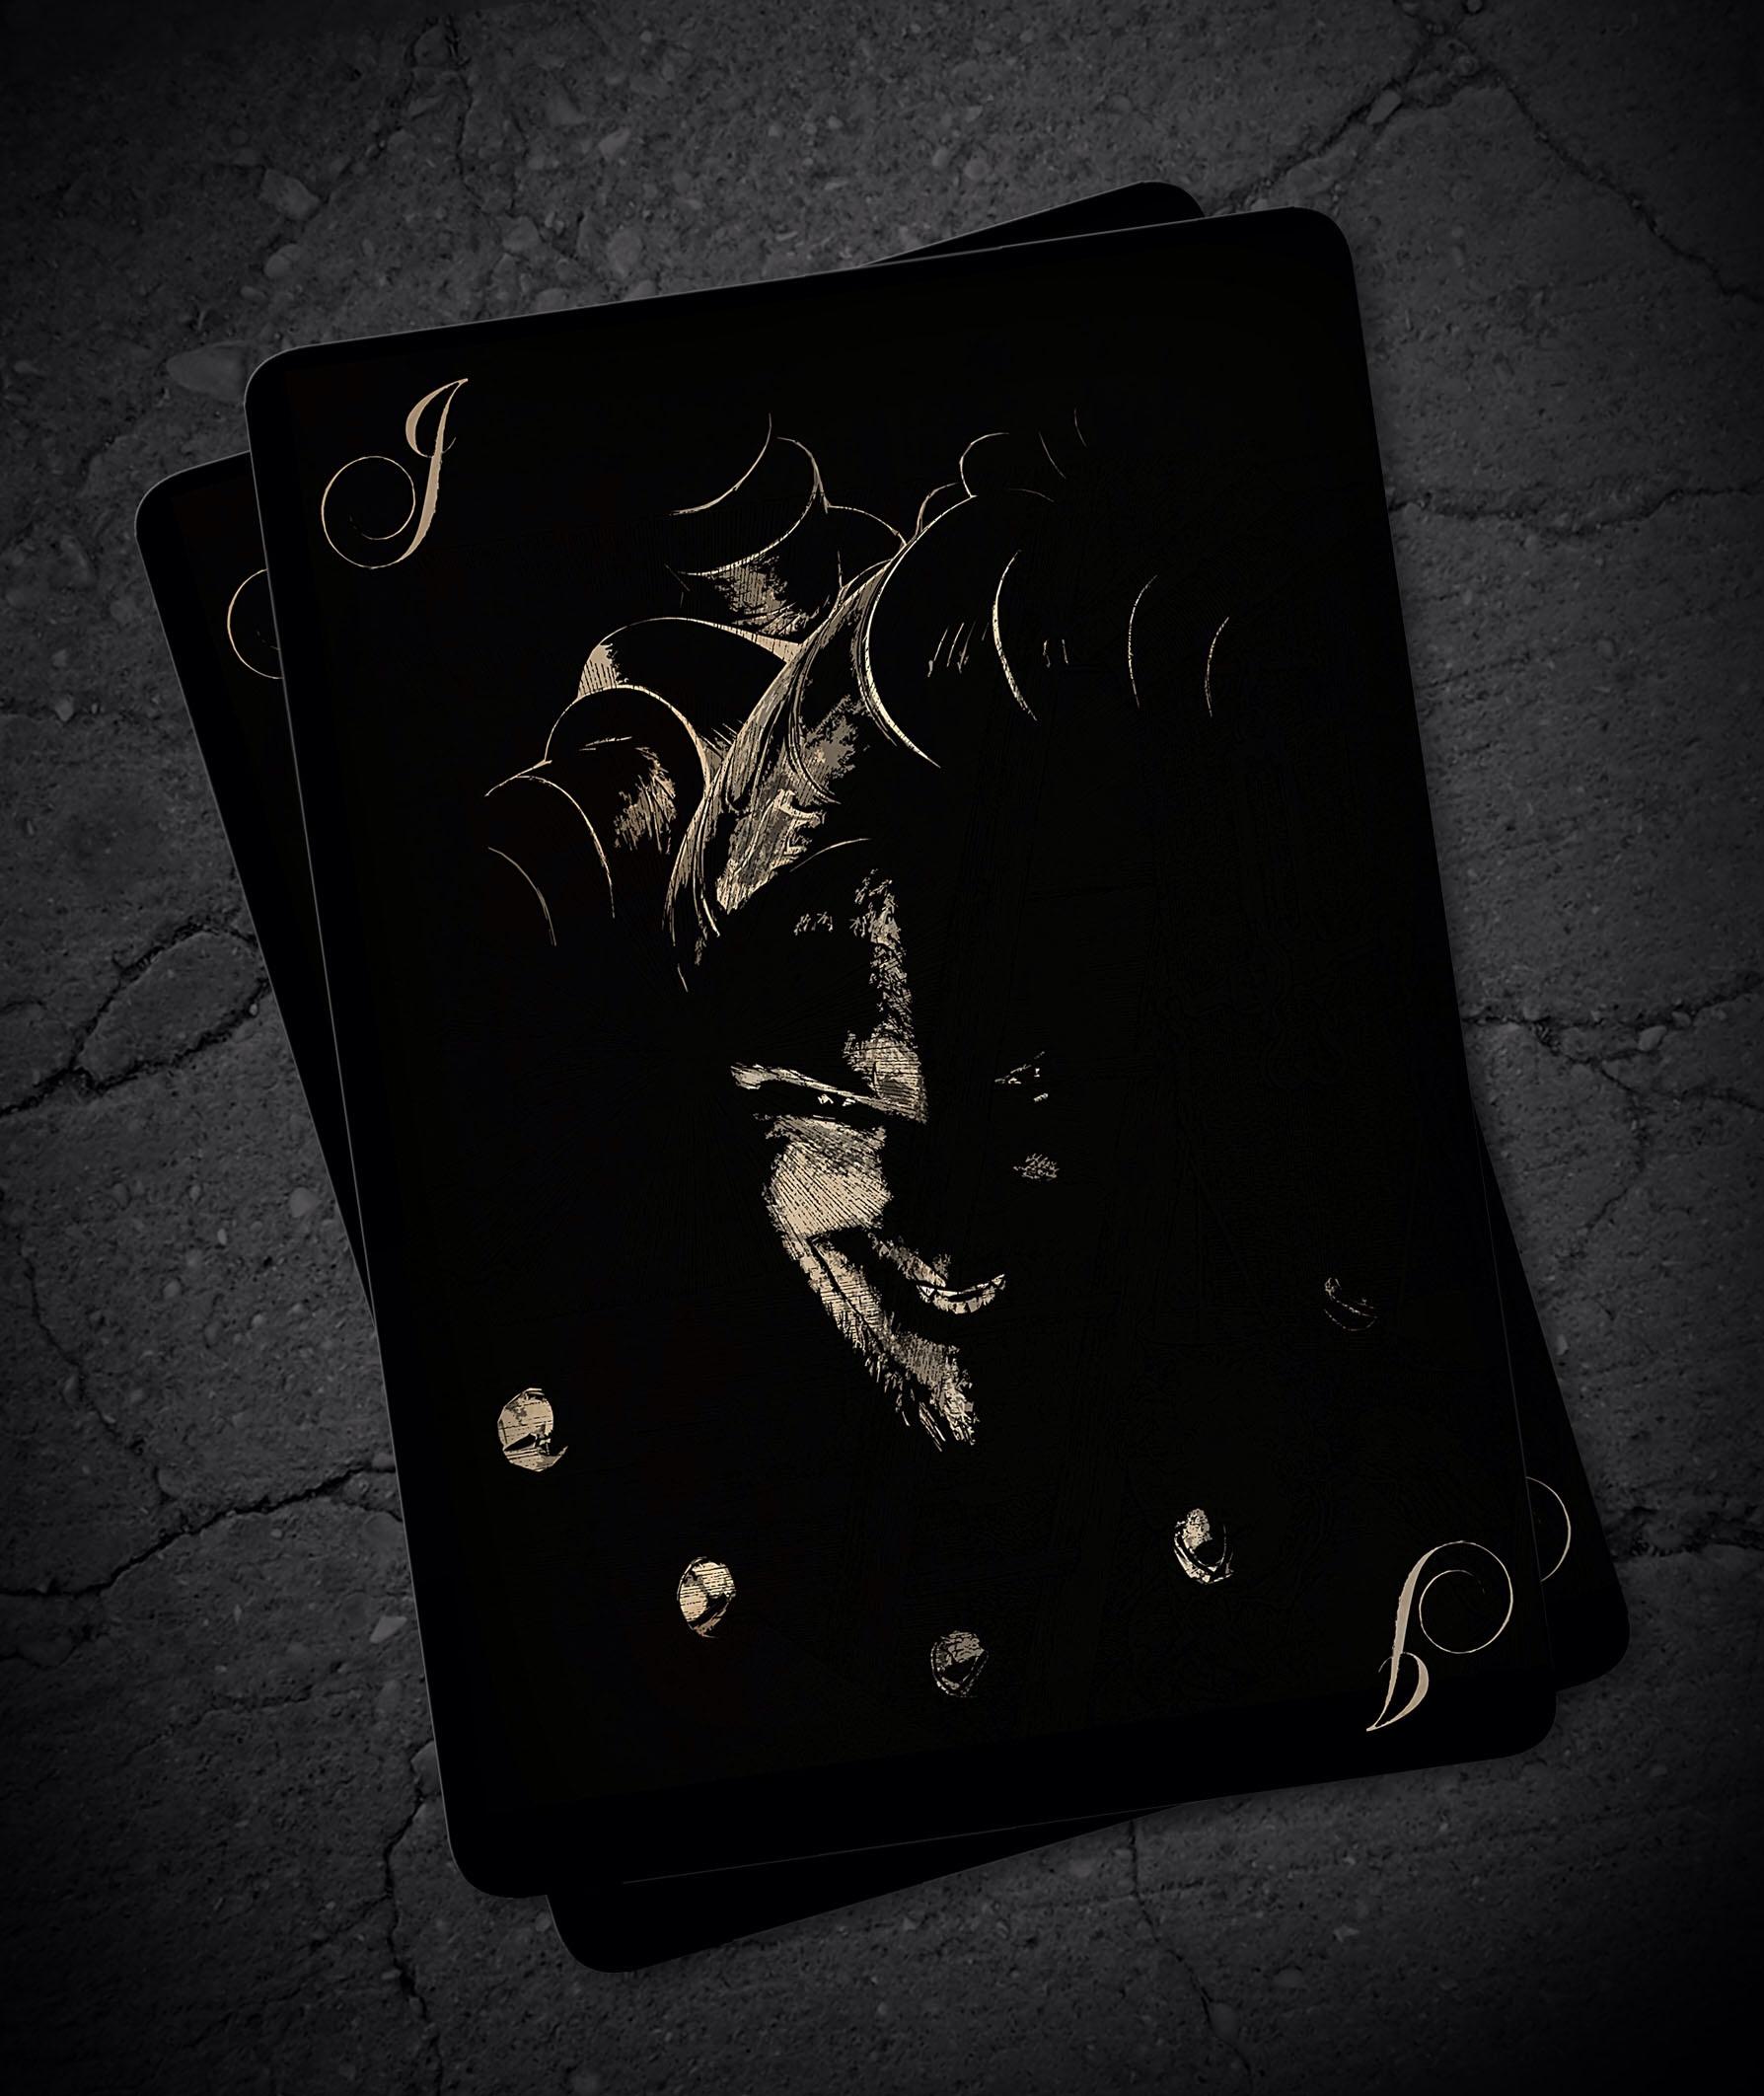 joker card art - photo #32